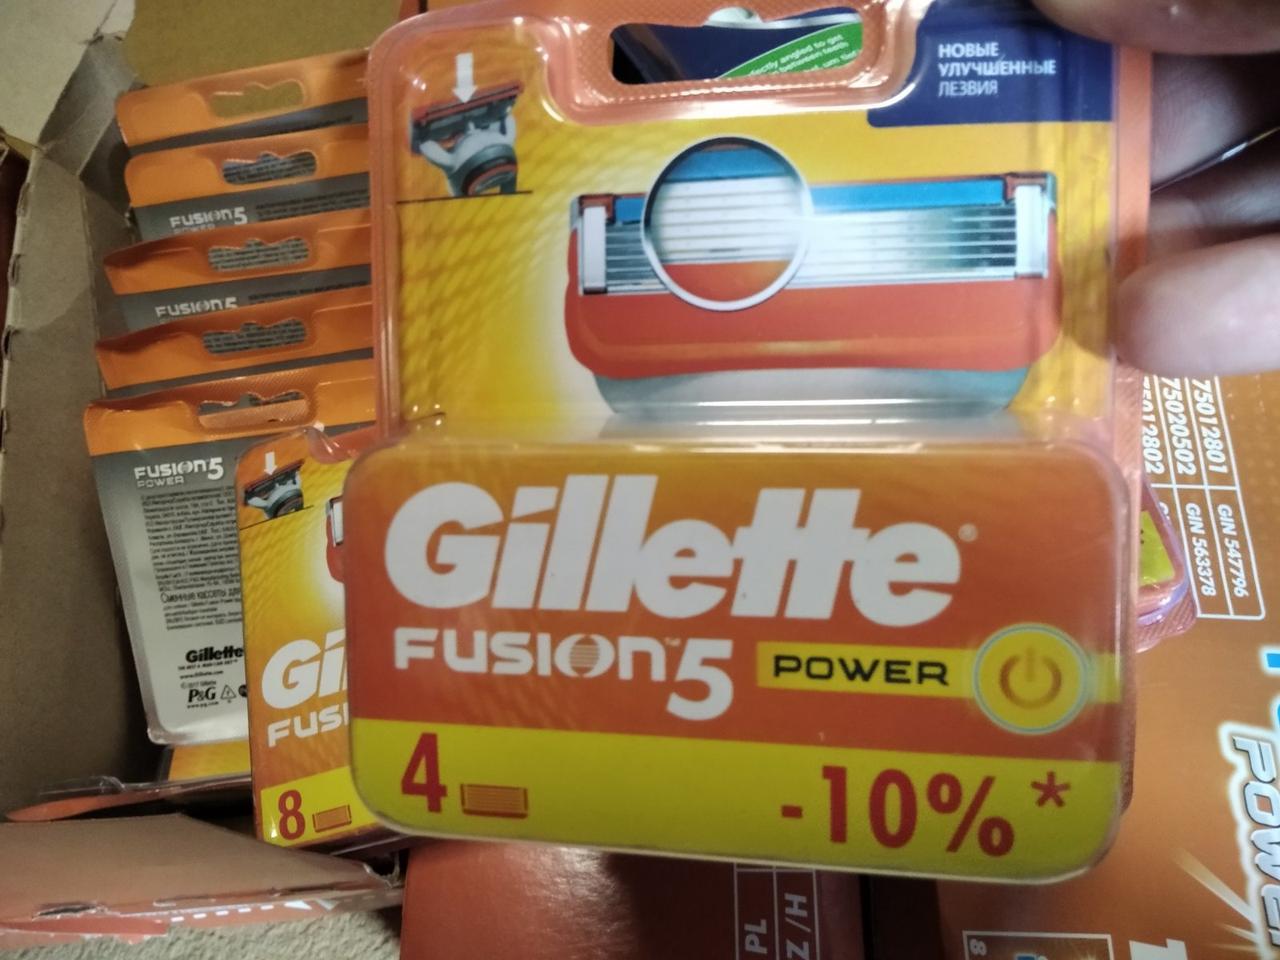 Картриджі, касети (леза) Жилет Ф'южн 5 павер 4 касети / Gillette Fusion power 4 5